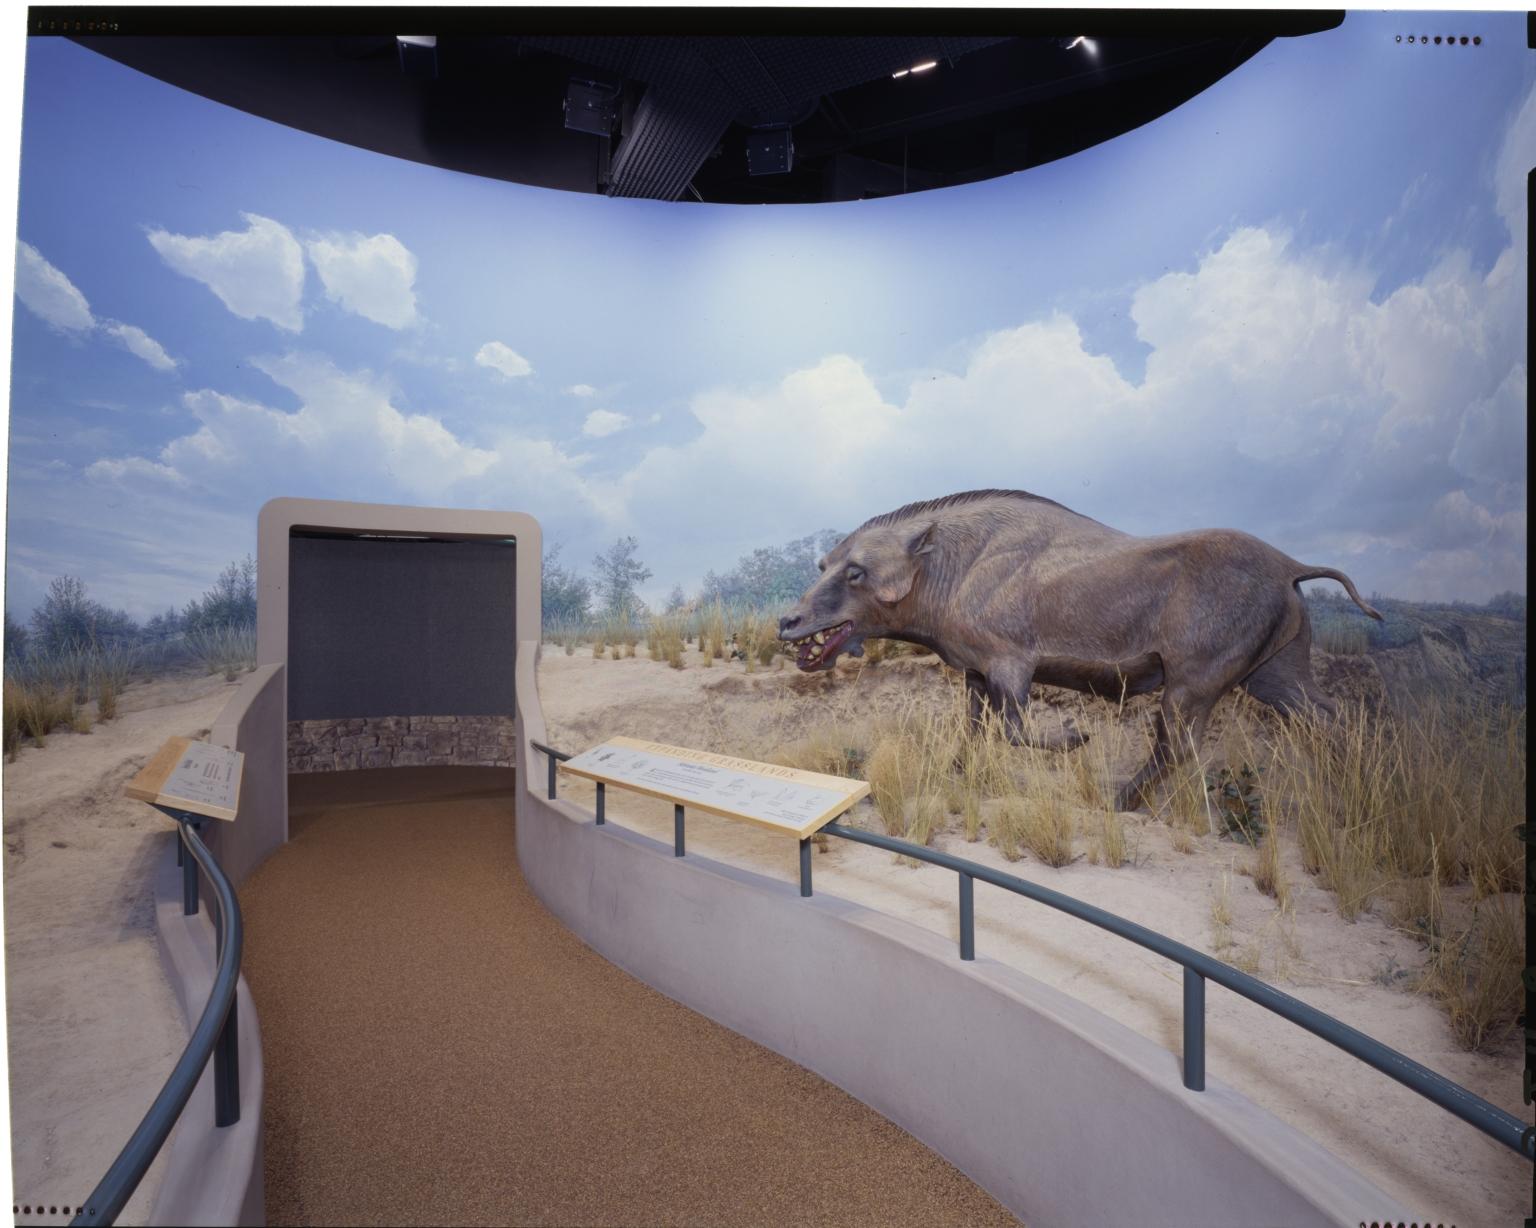 Nebraska Woodland diorama